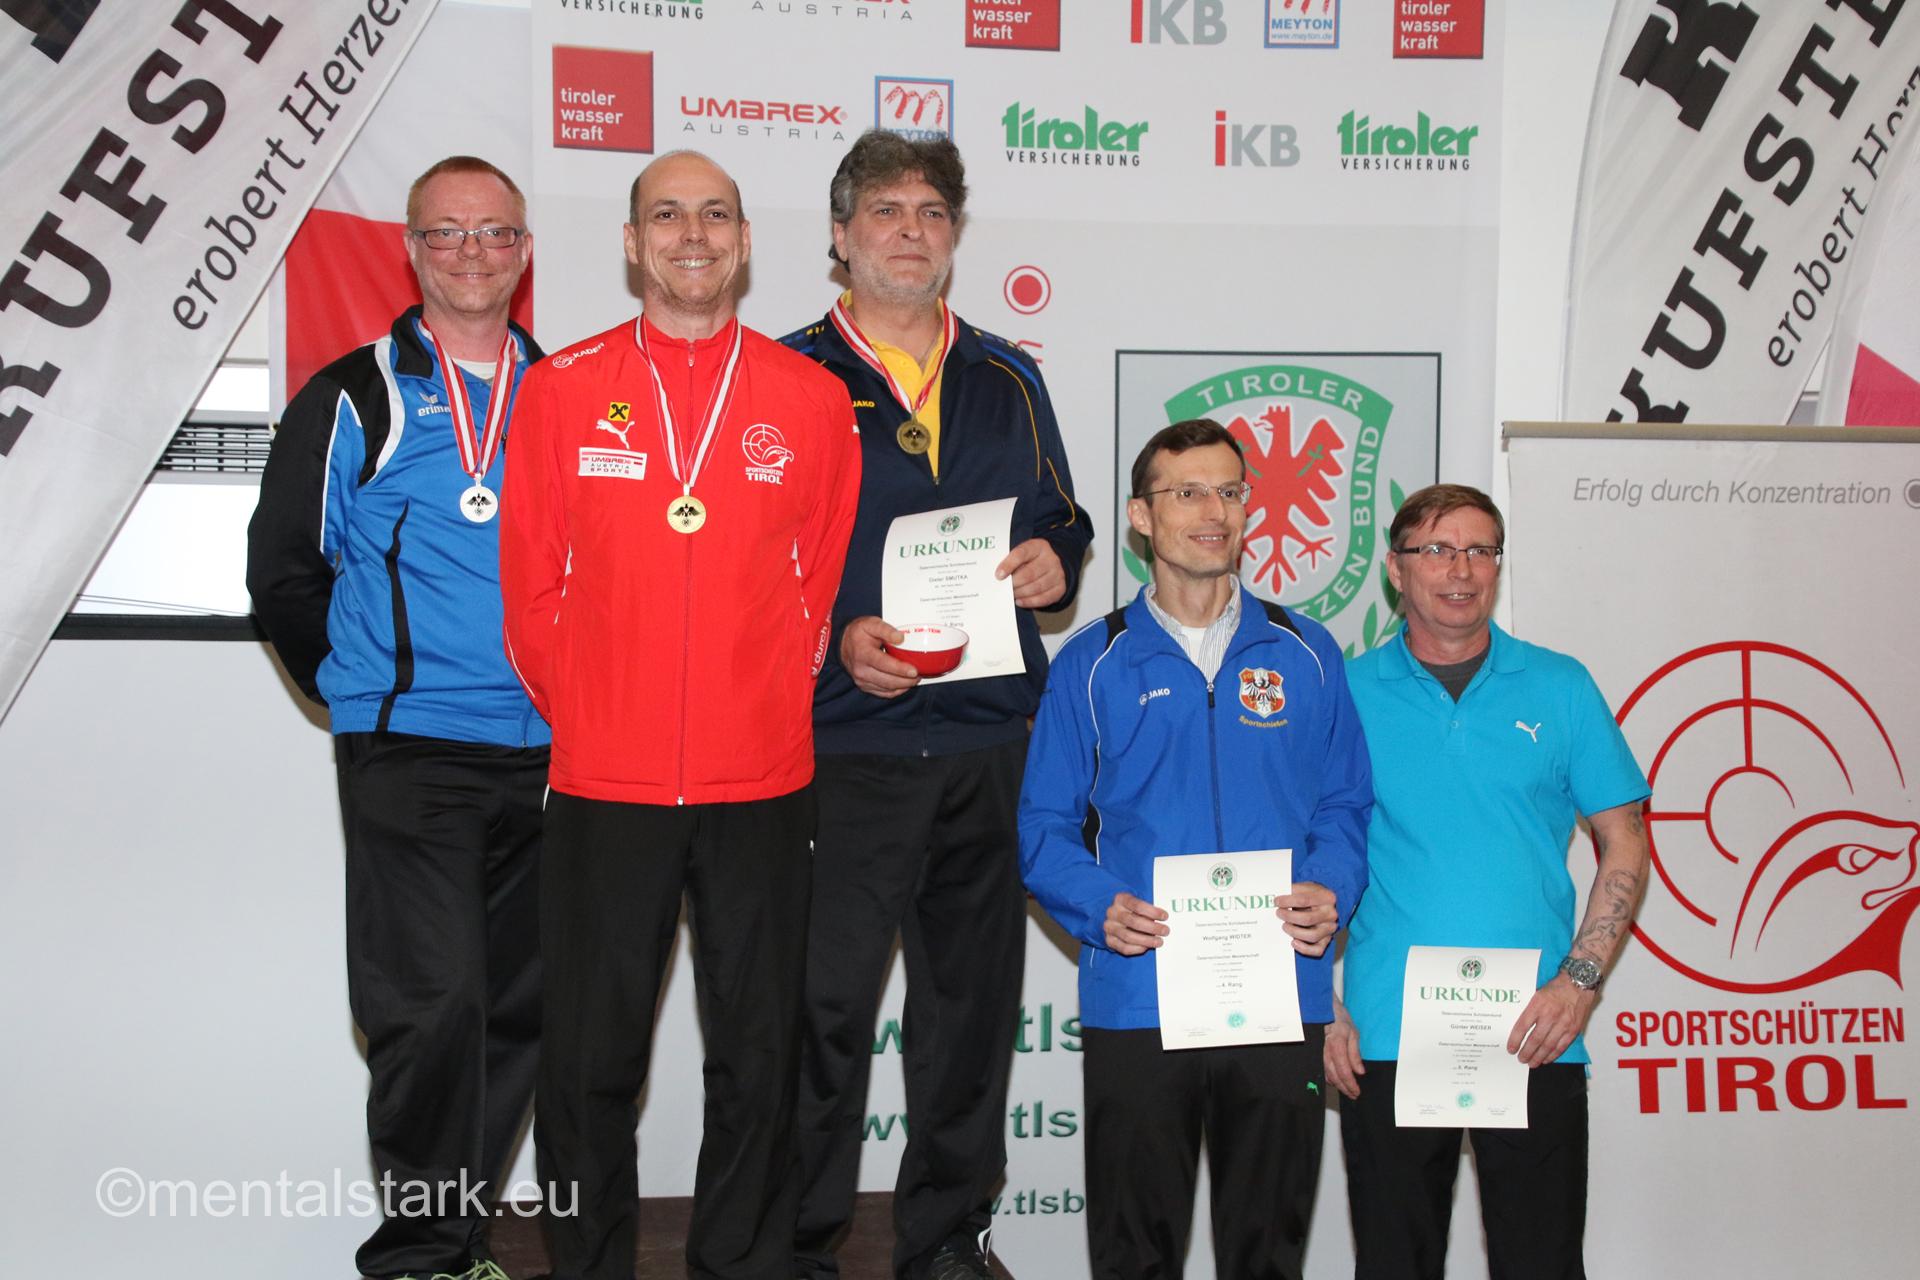 Rudi Sailer - 1.Platz LP1 Senioren1